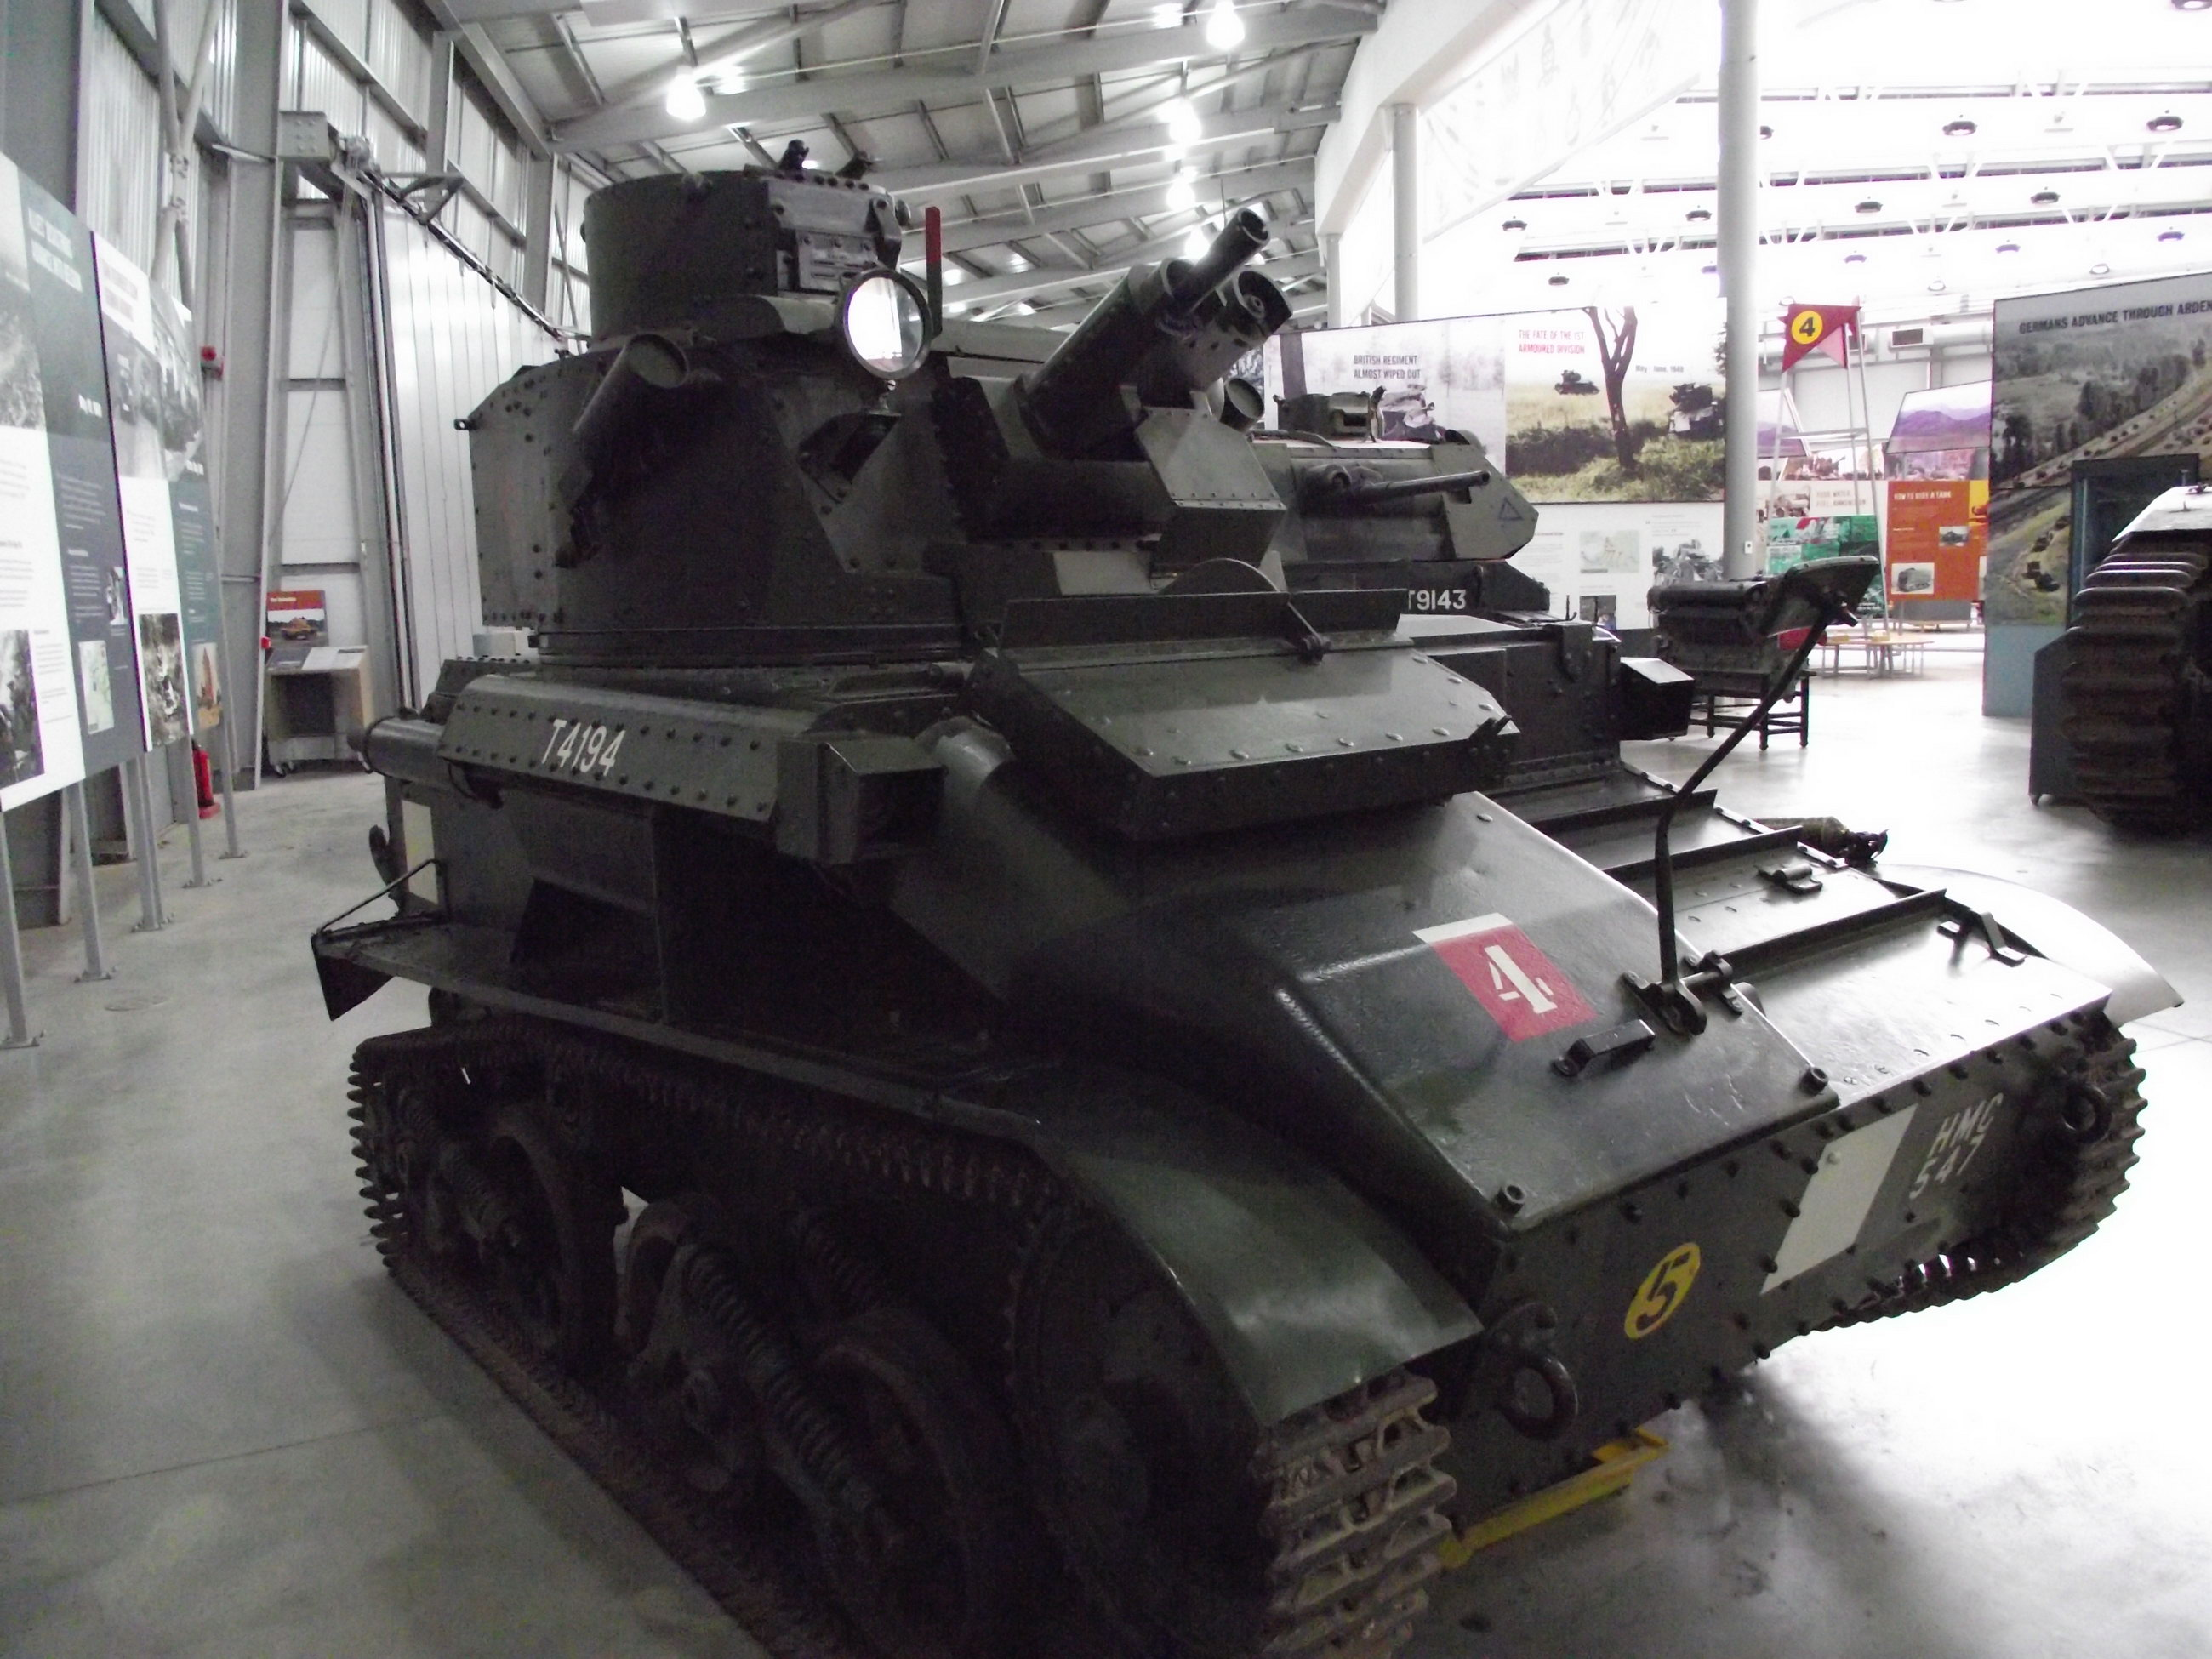 Tank_Museum_20180919_667.jpg